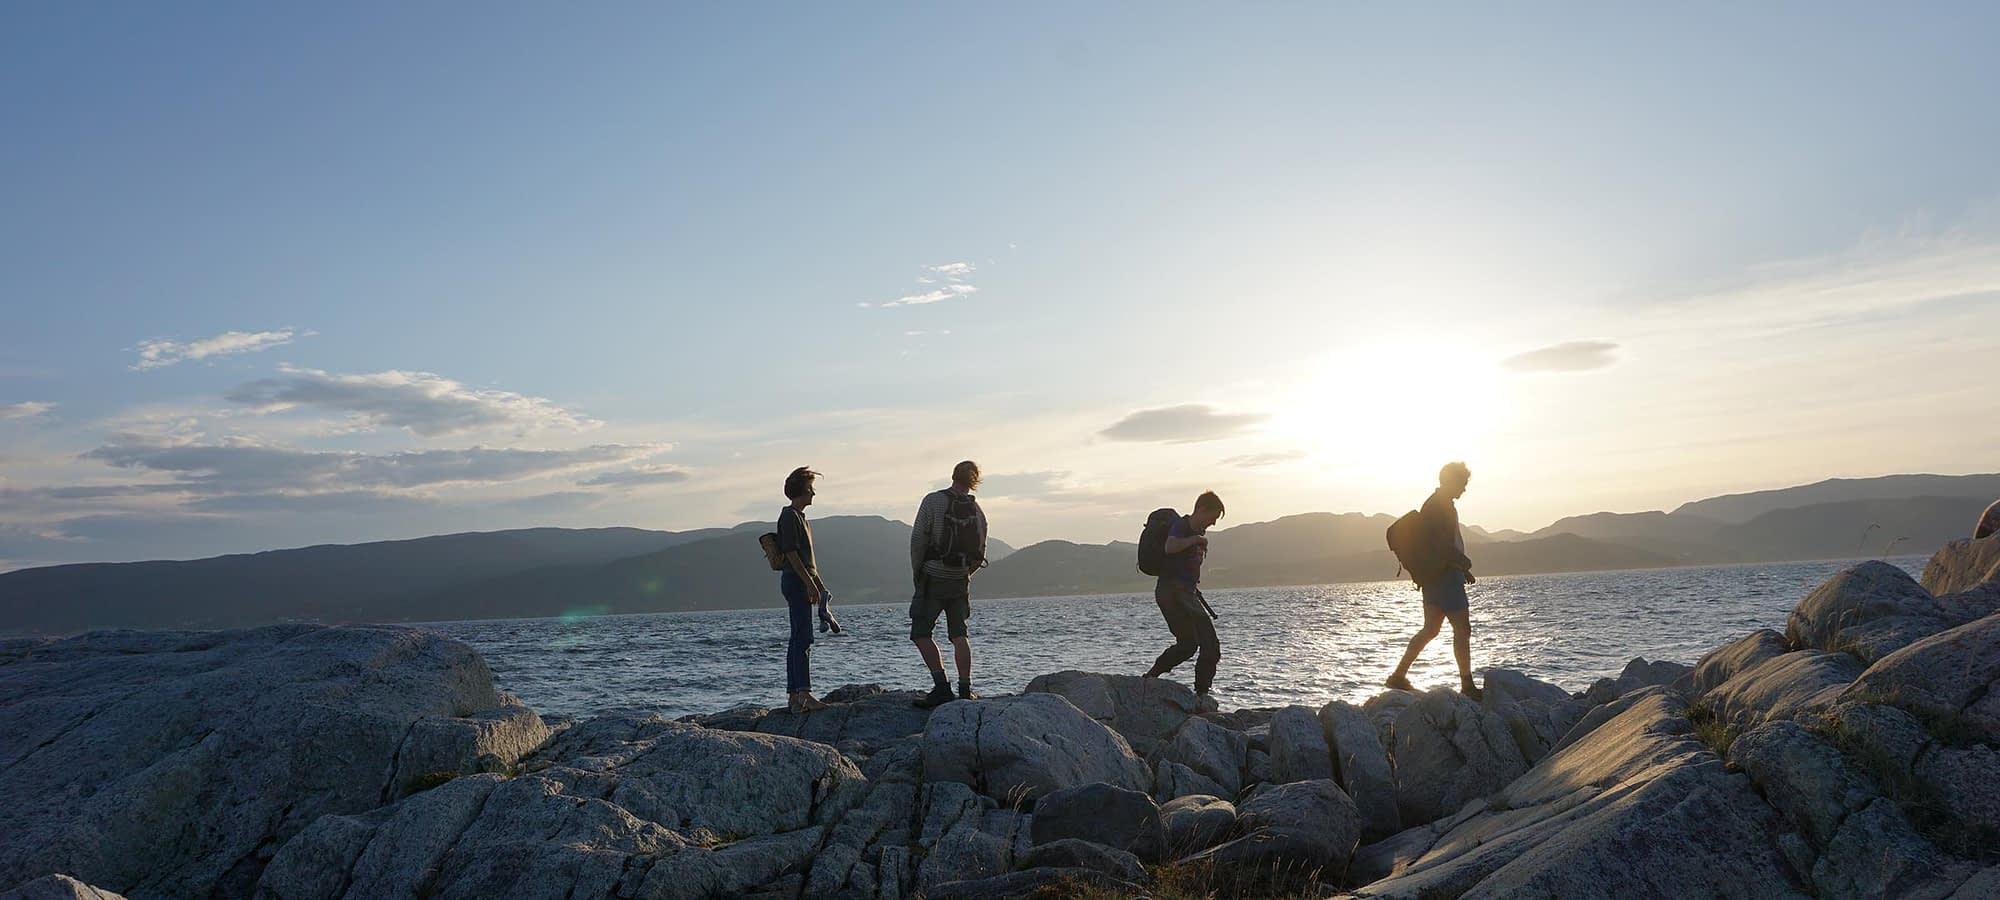 Fosen-fhs-friluftsliv-fjord